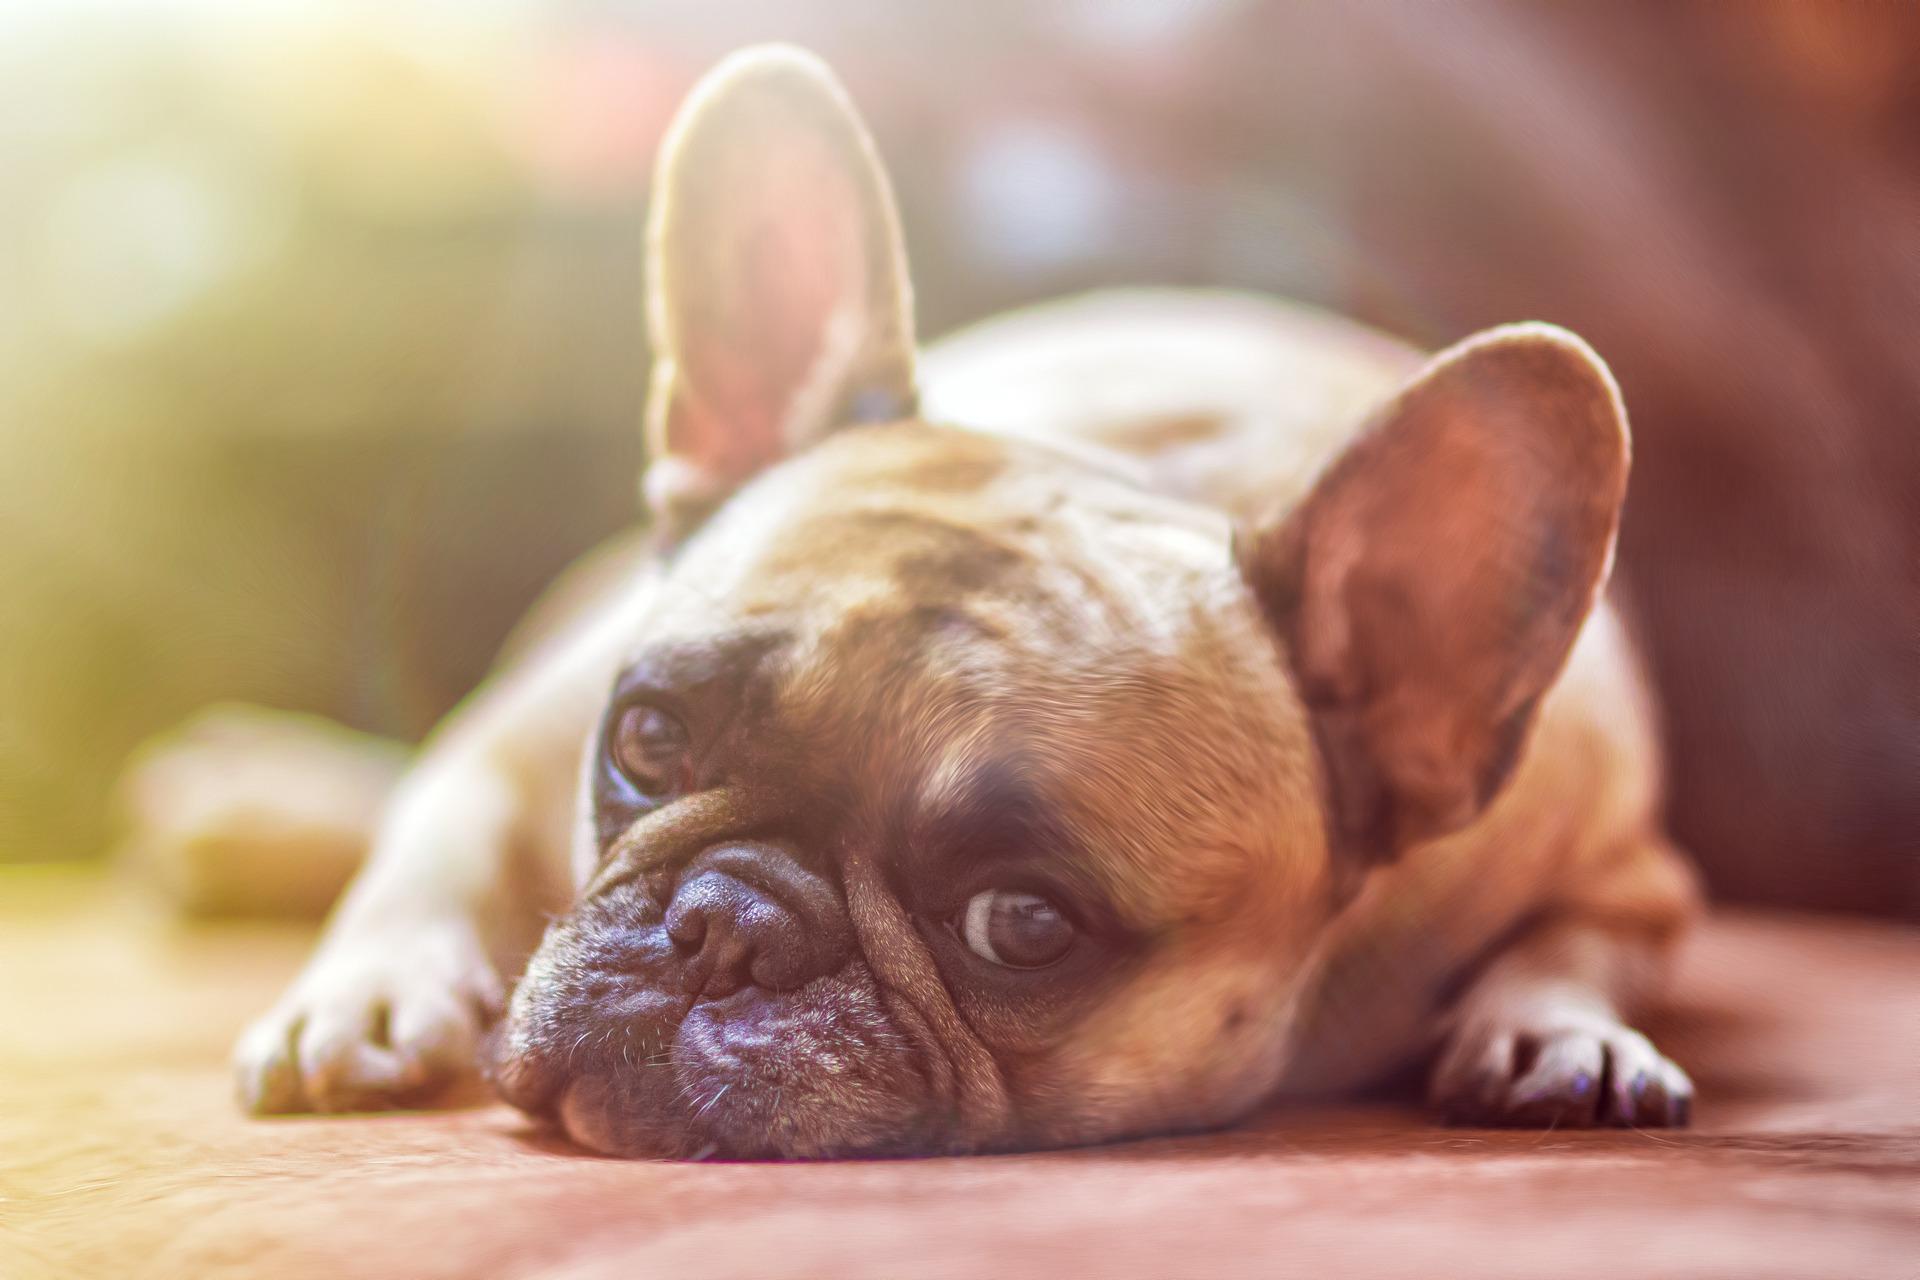 bulldog-Pixabay 1224267_1920